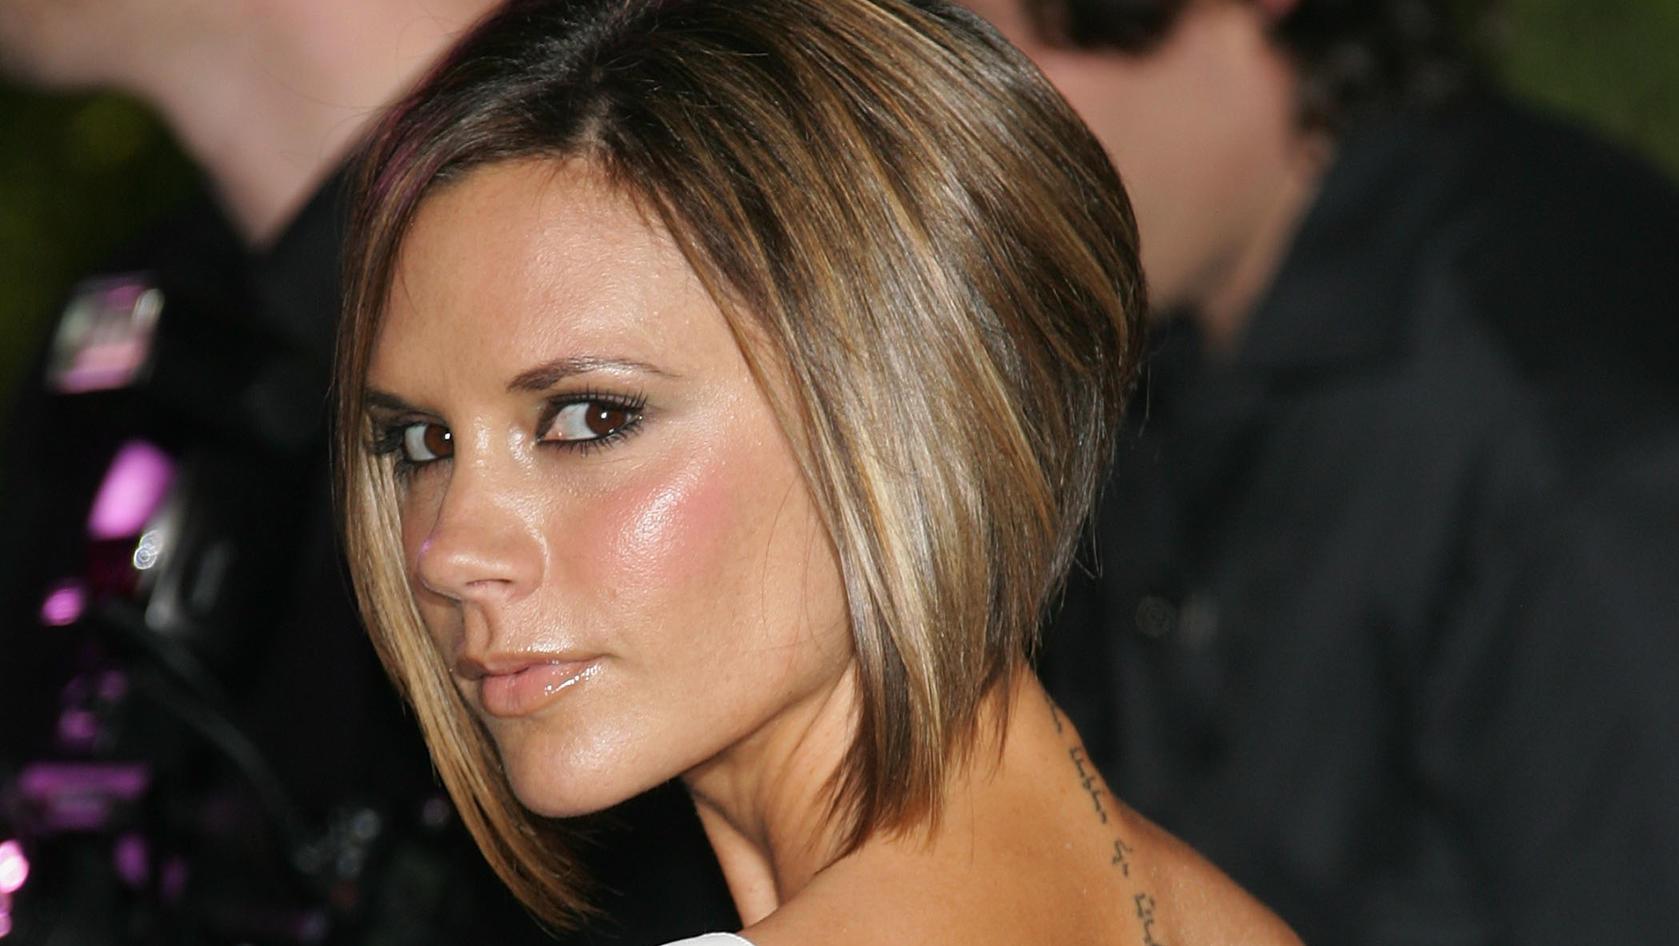 Frisur Victoria Beckham Amazing Best Victoria Beckham Bob